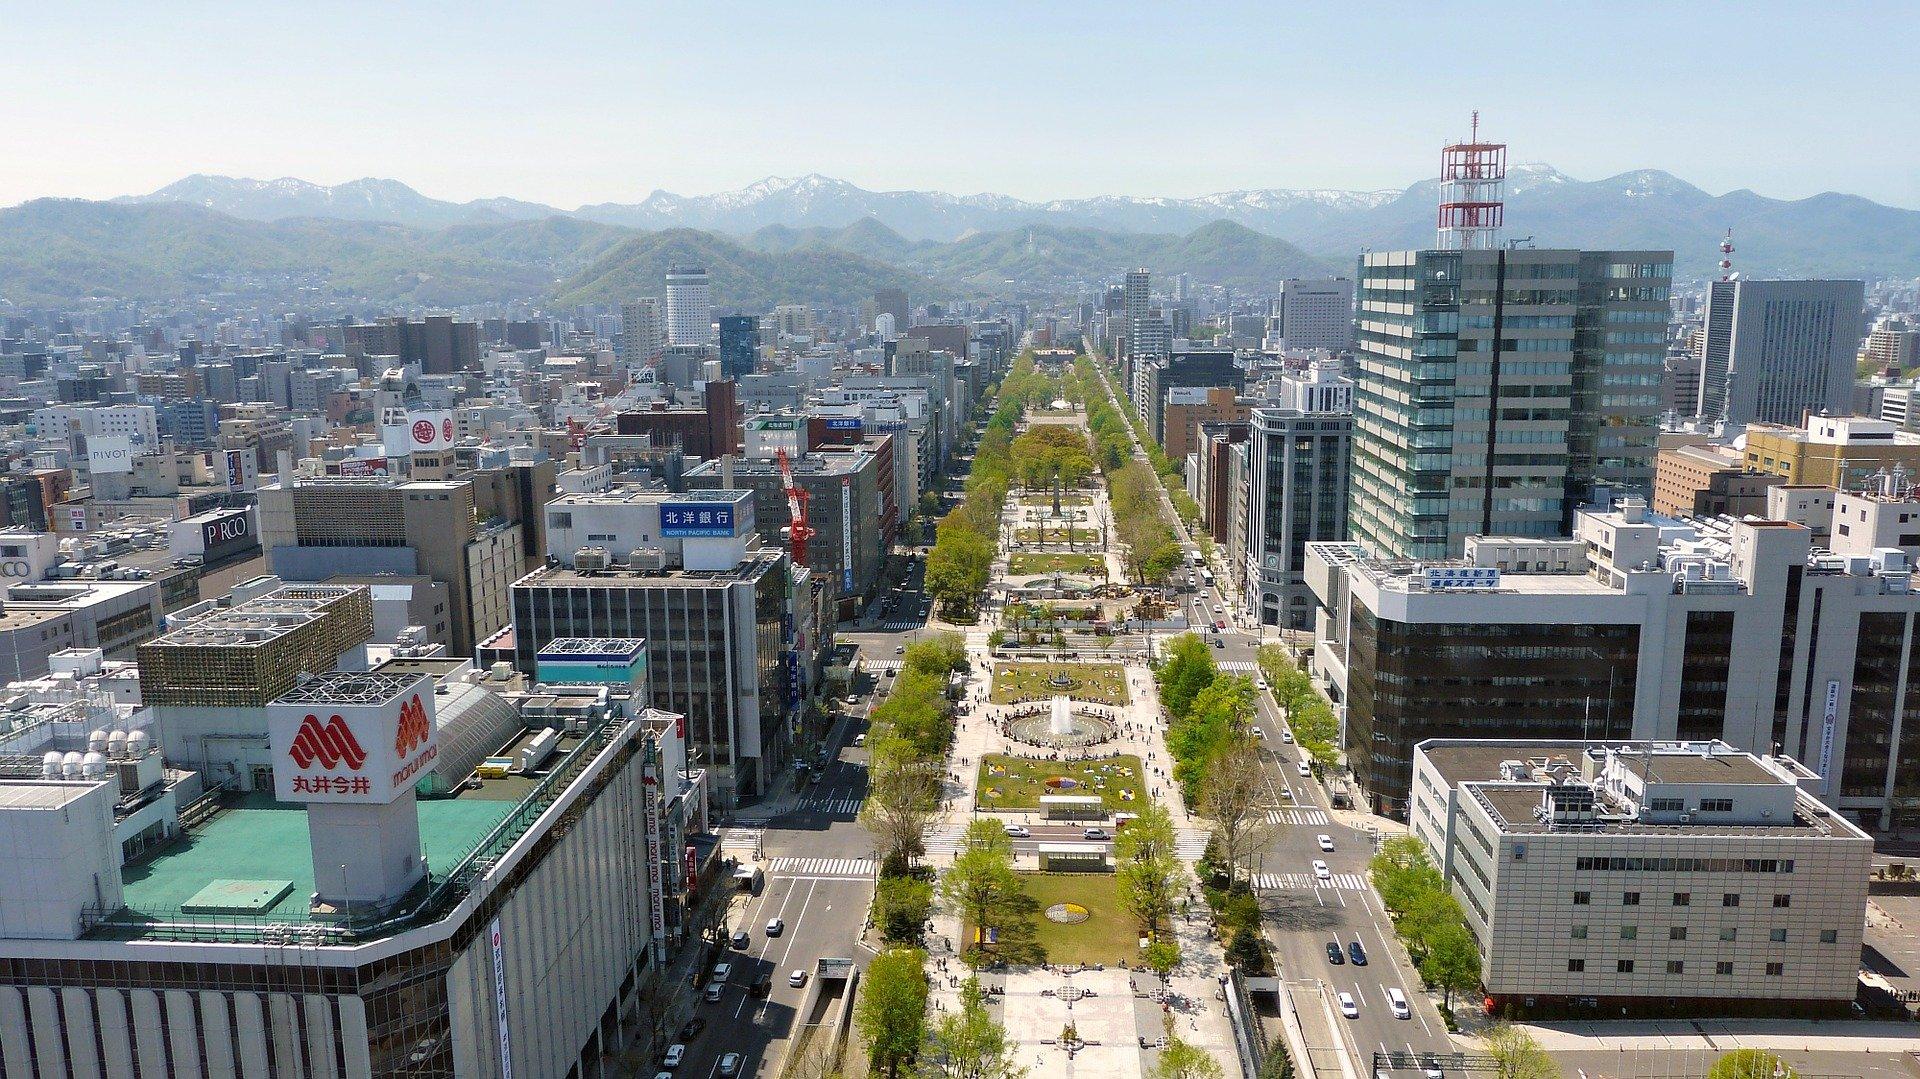 札幌で安いトランクルームは?エリア別のおすすめを大公開